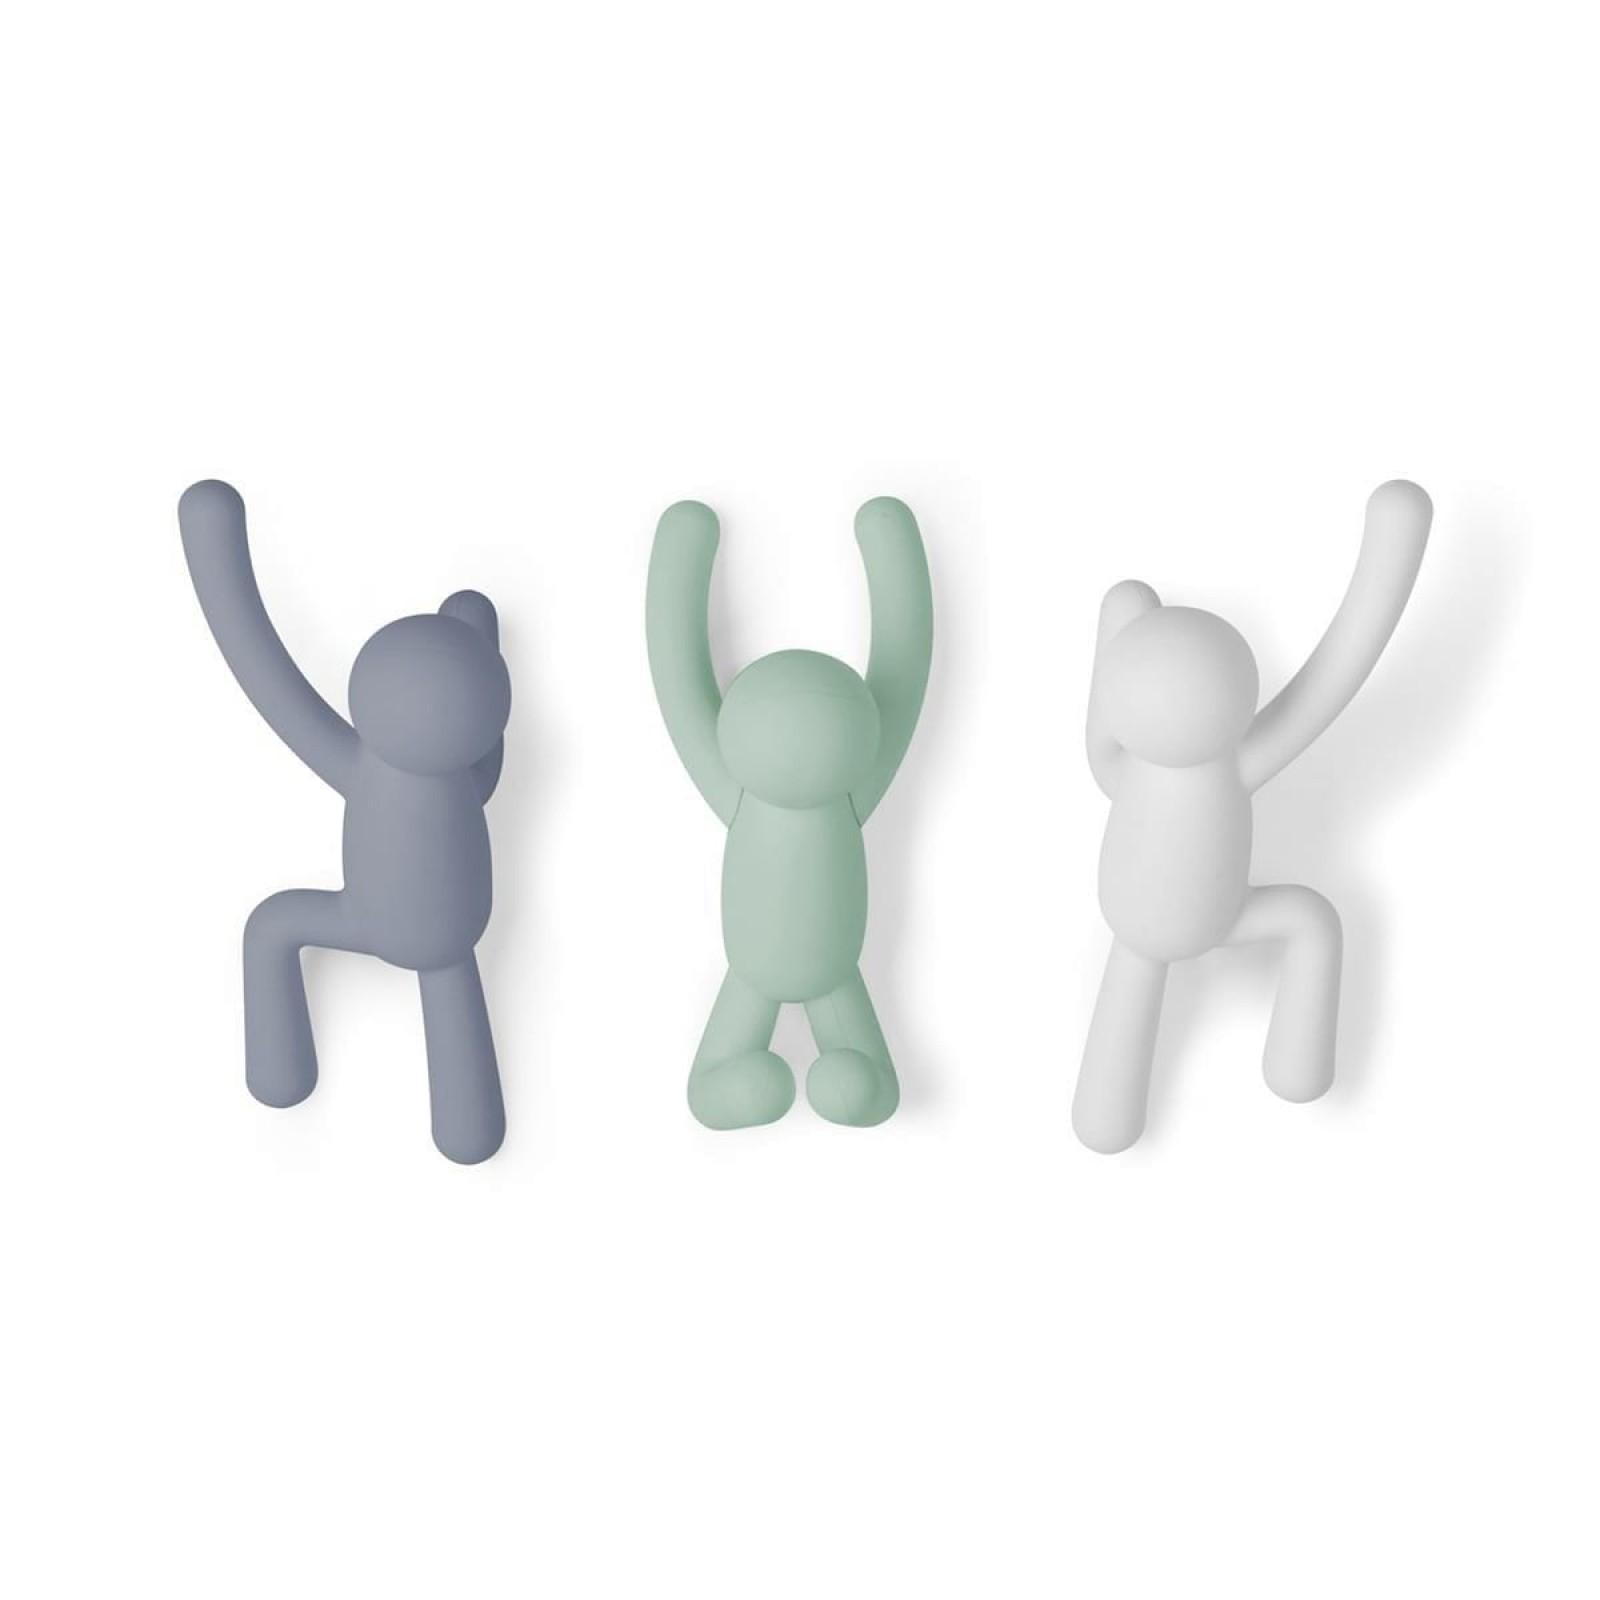 Buddy Hook Set of 3 (Multicolor Soft) - Umbra